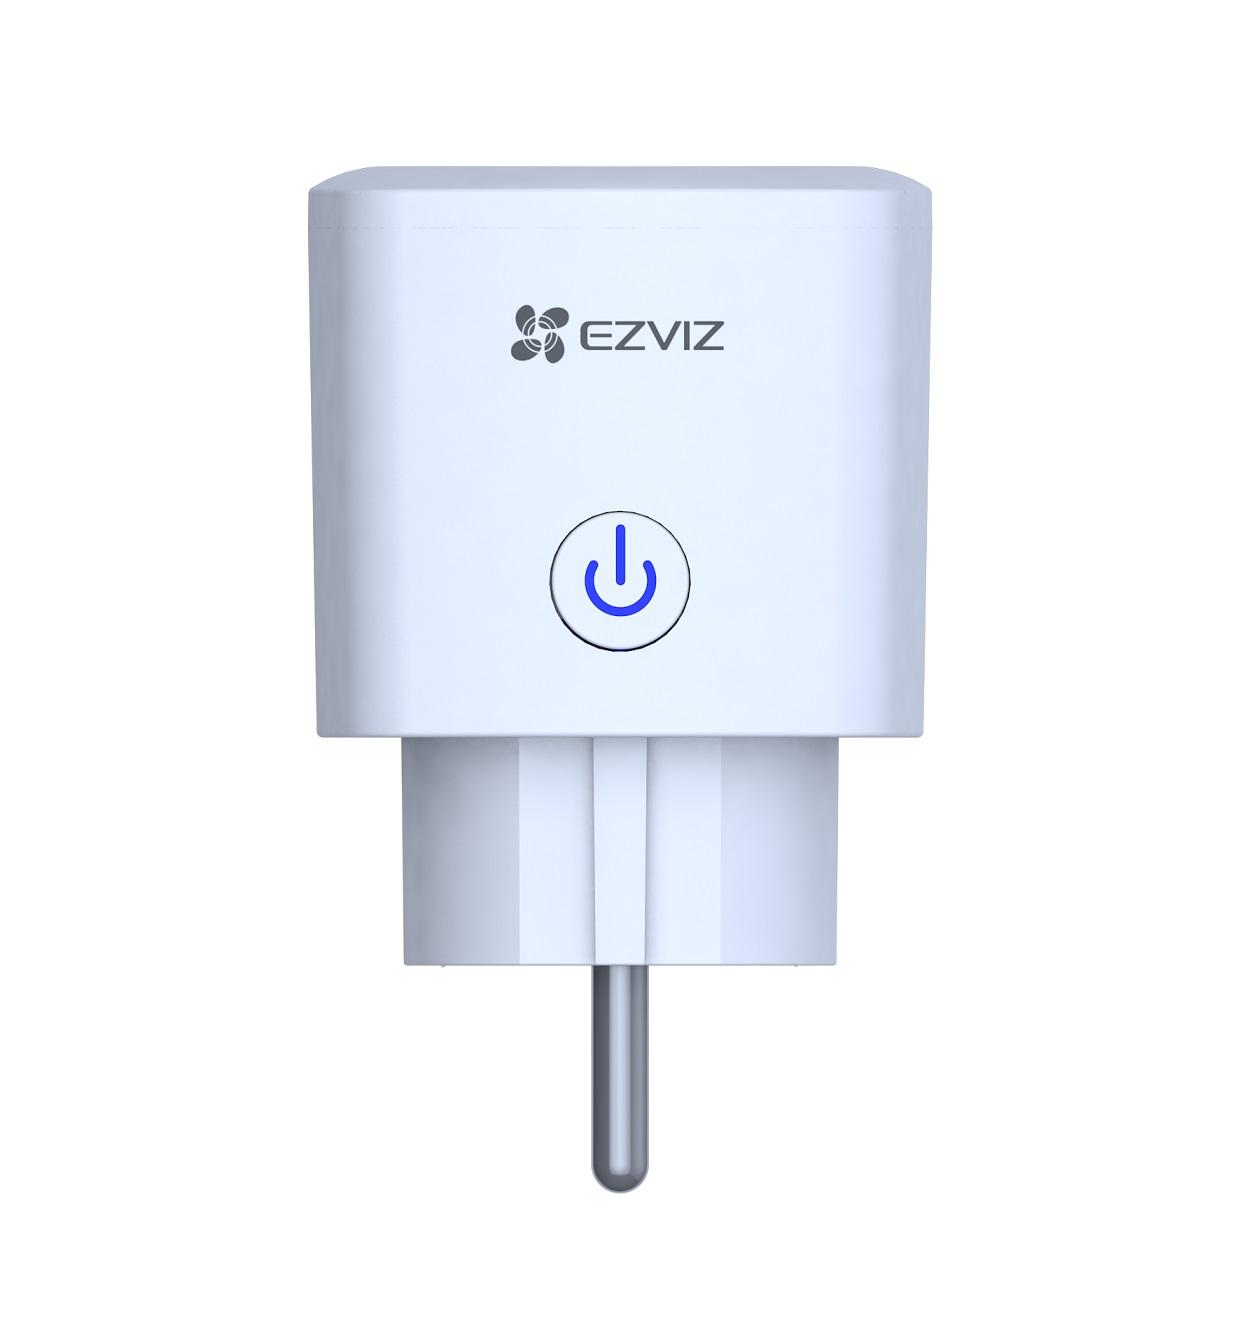 EZVIZ T30-10A Basic (white)